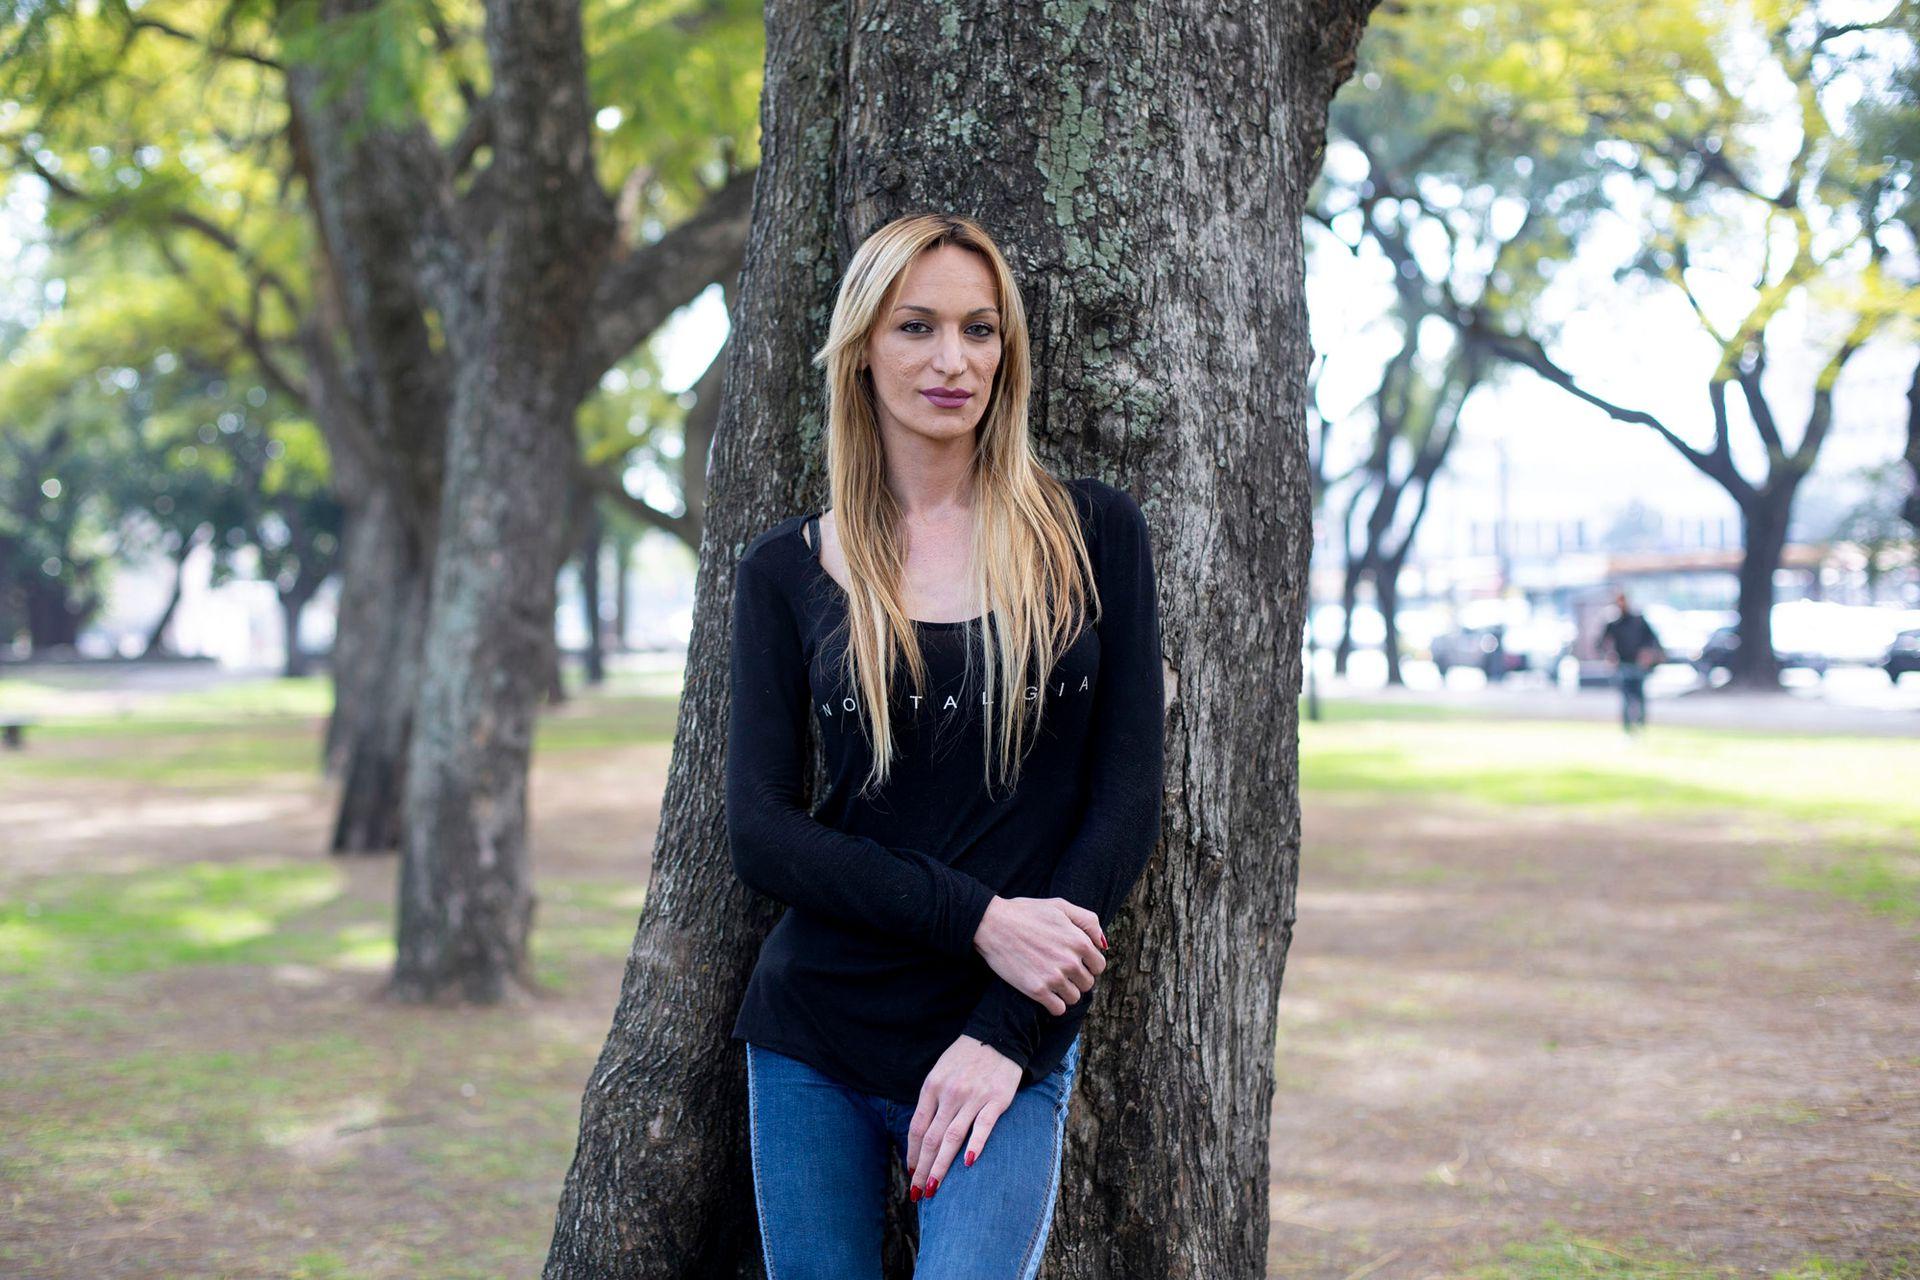 Maryanne Lettieri, profesora de inglés y actriz